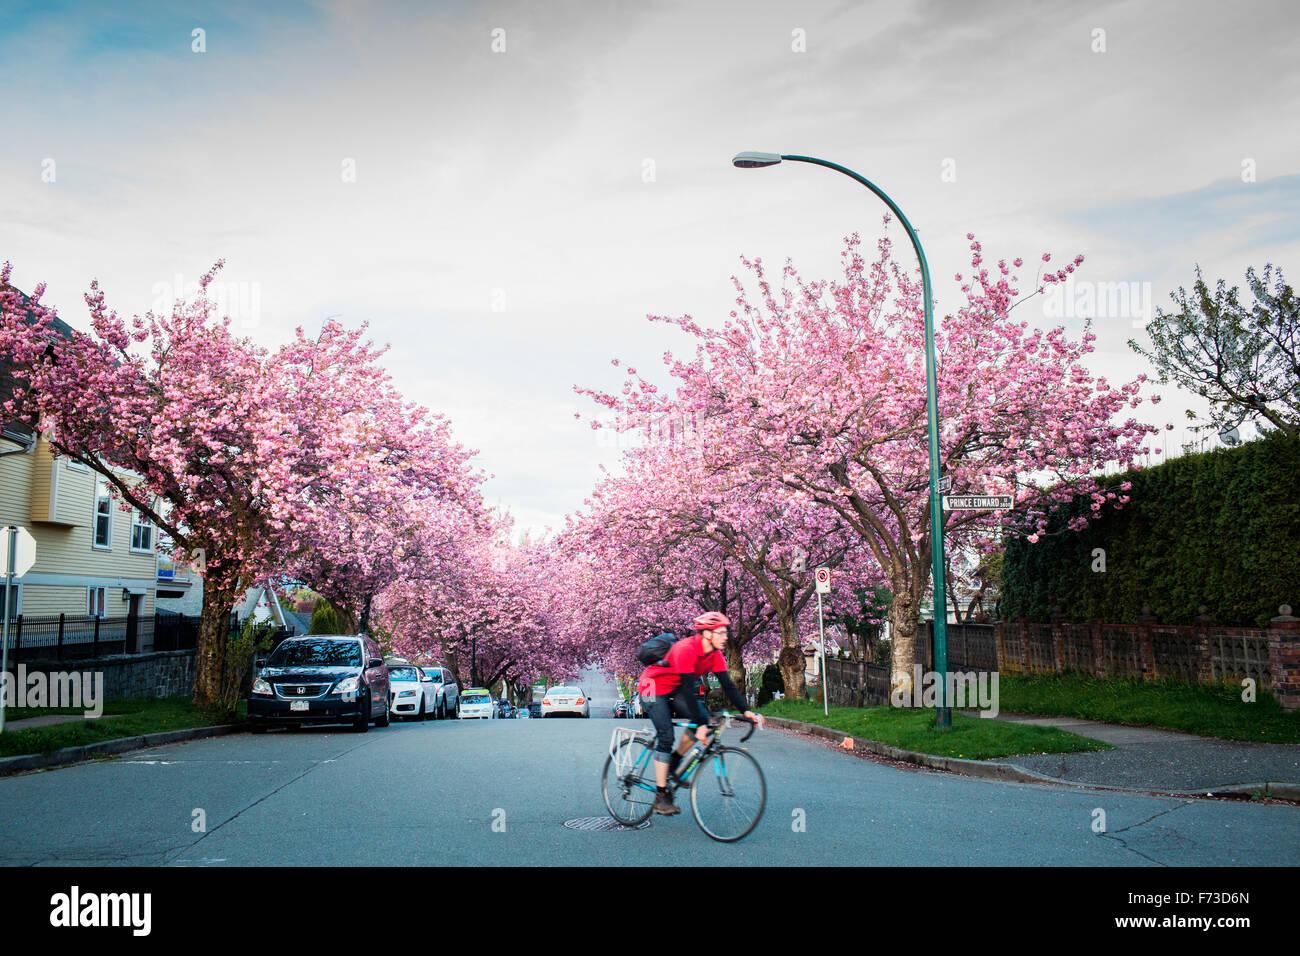 VANCOUVER, BRITISH COLUMBIA, KANADA. Ein Fahrrad-Pendler in Rot fährt nach unten eine Wohnstraße mit Kirschblüten Stockbild